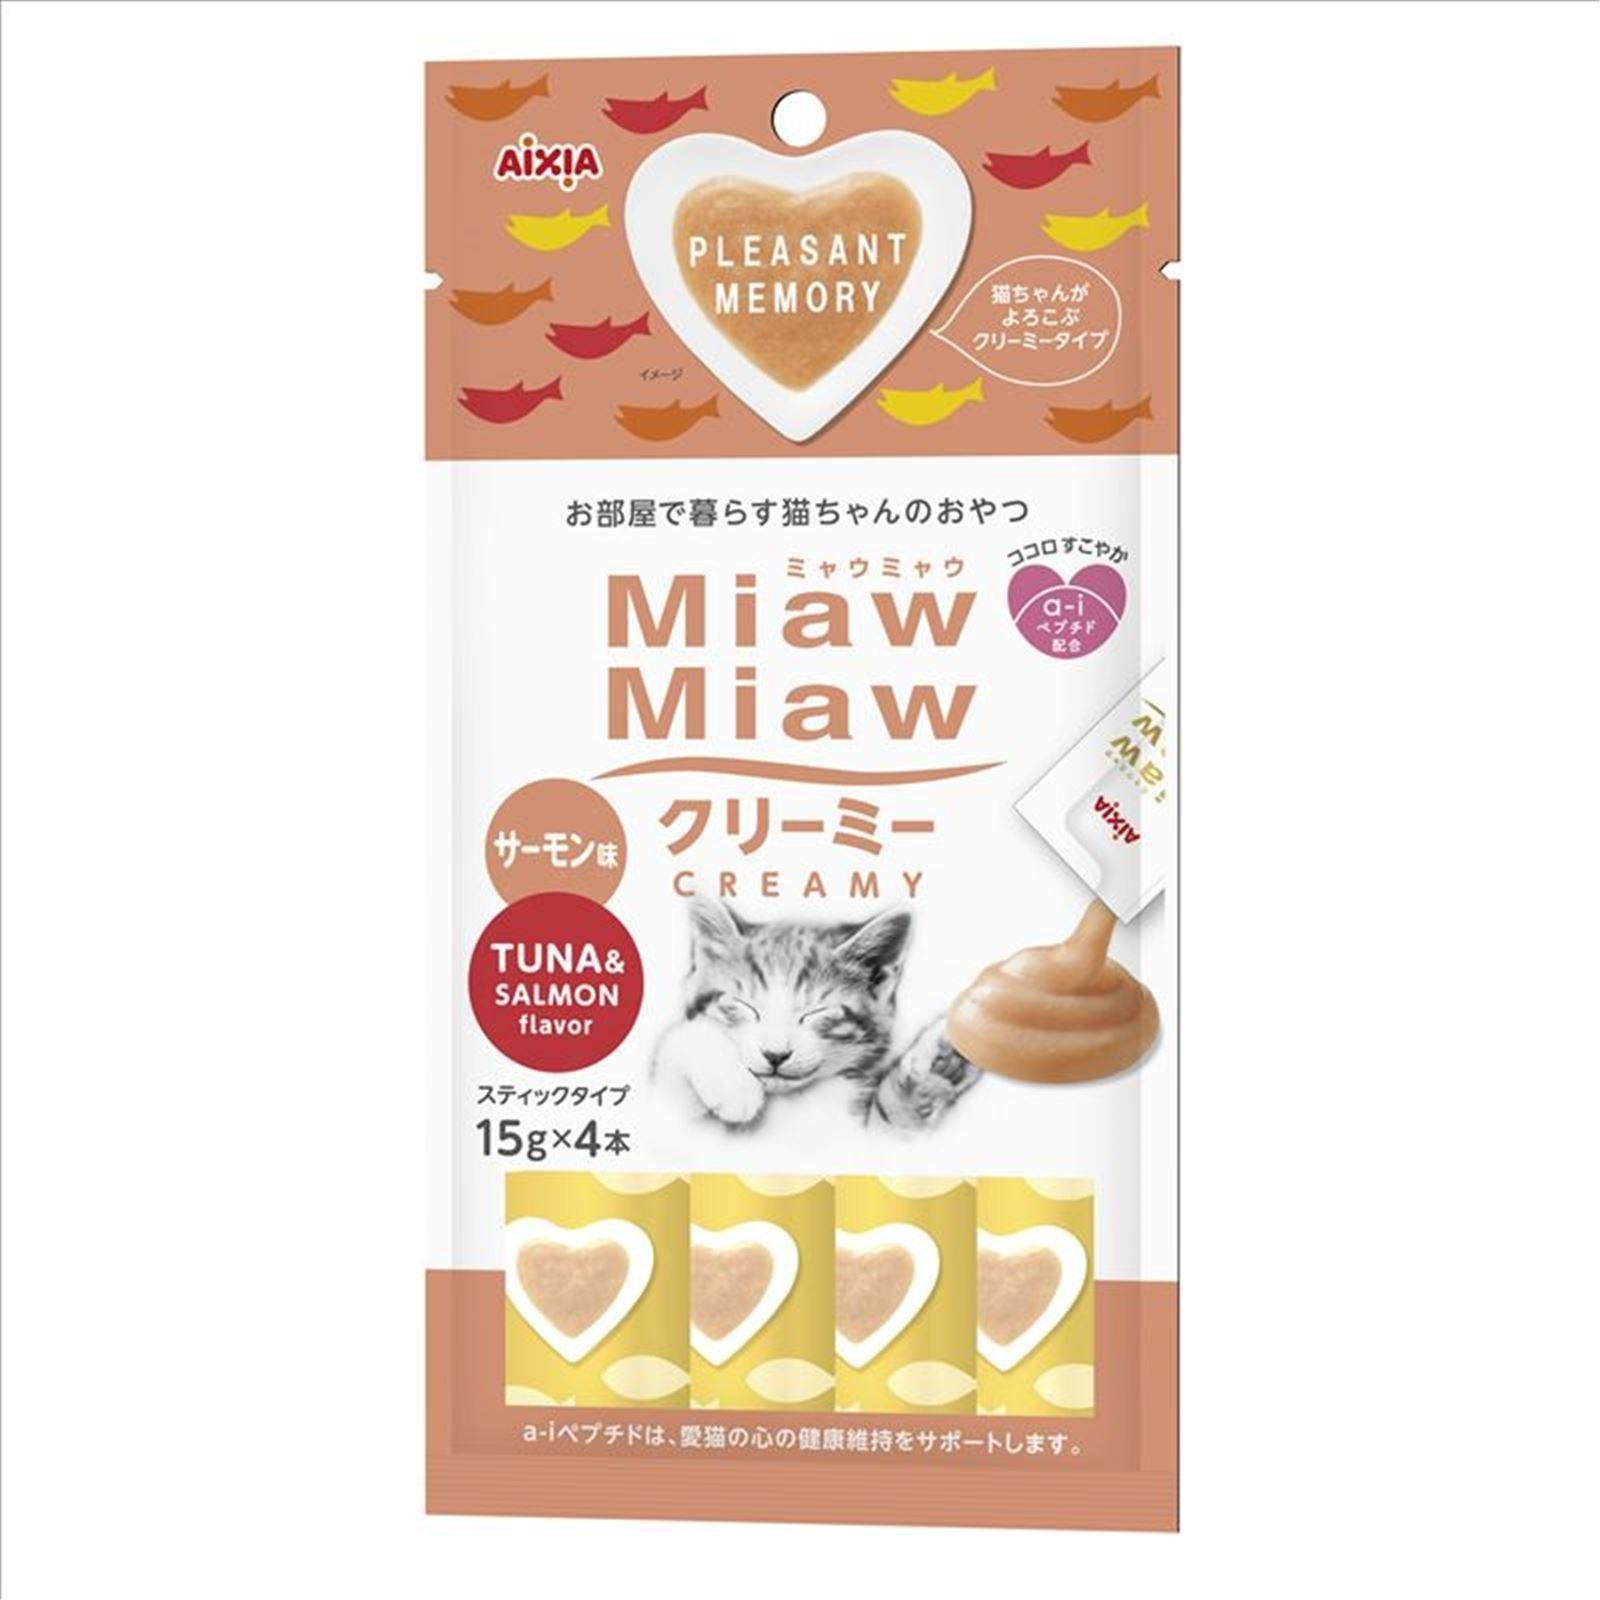 Aixia Miaw Miaw Creamy - Tuna w/Salmon